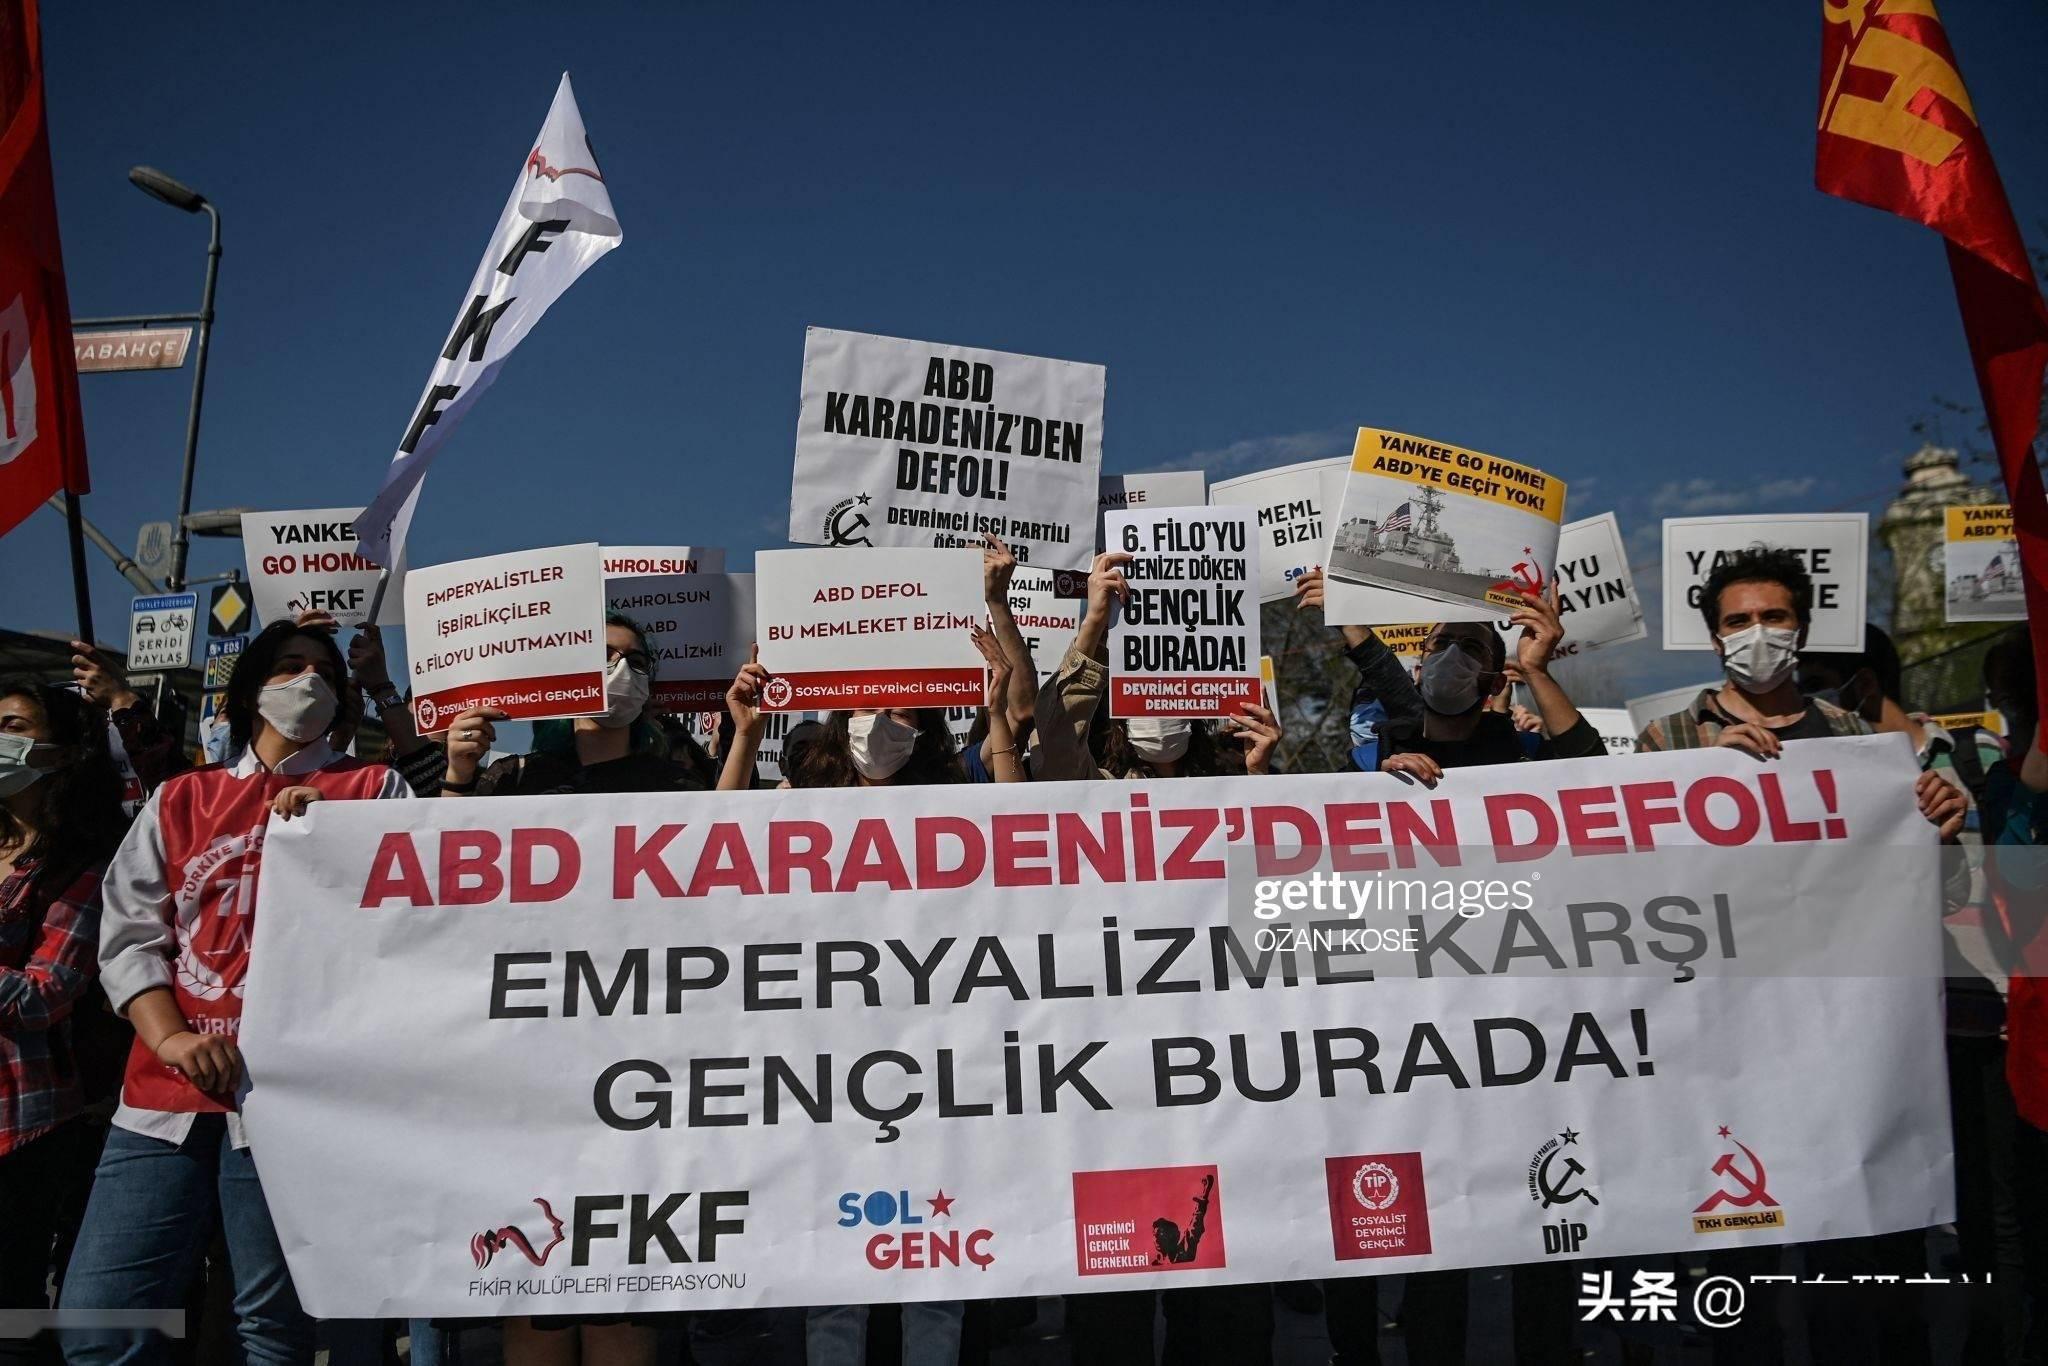 乌克兰被当猴耍!土耳其抗议美军舰经博斯普鲁斯海峡支援乌克兰